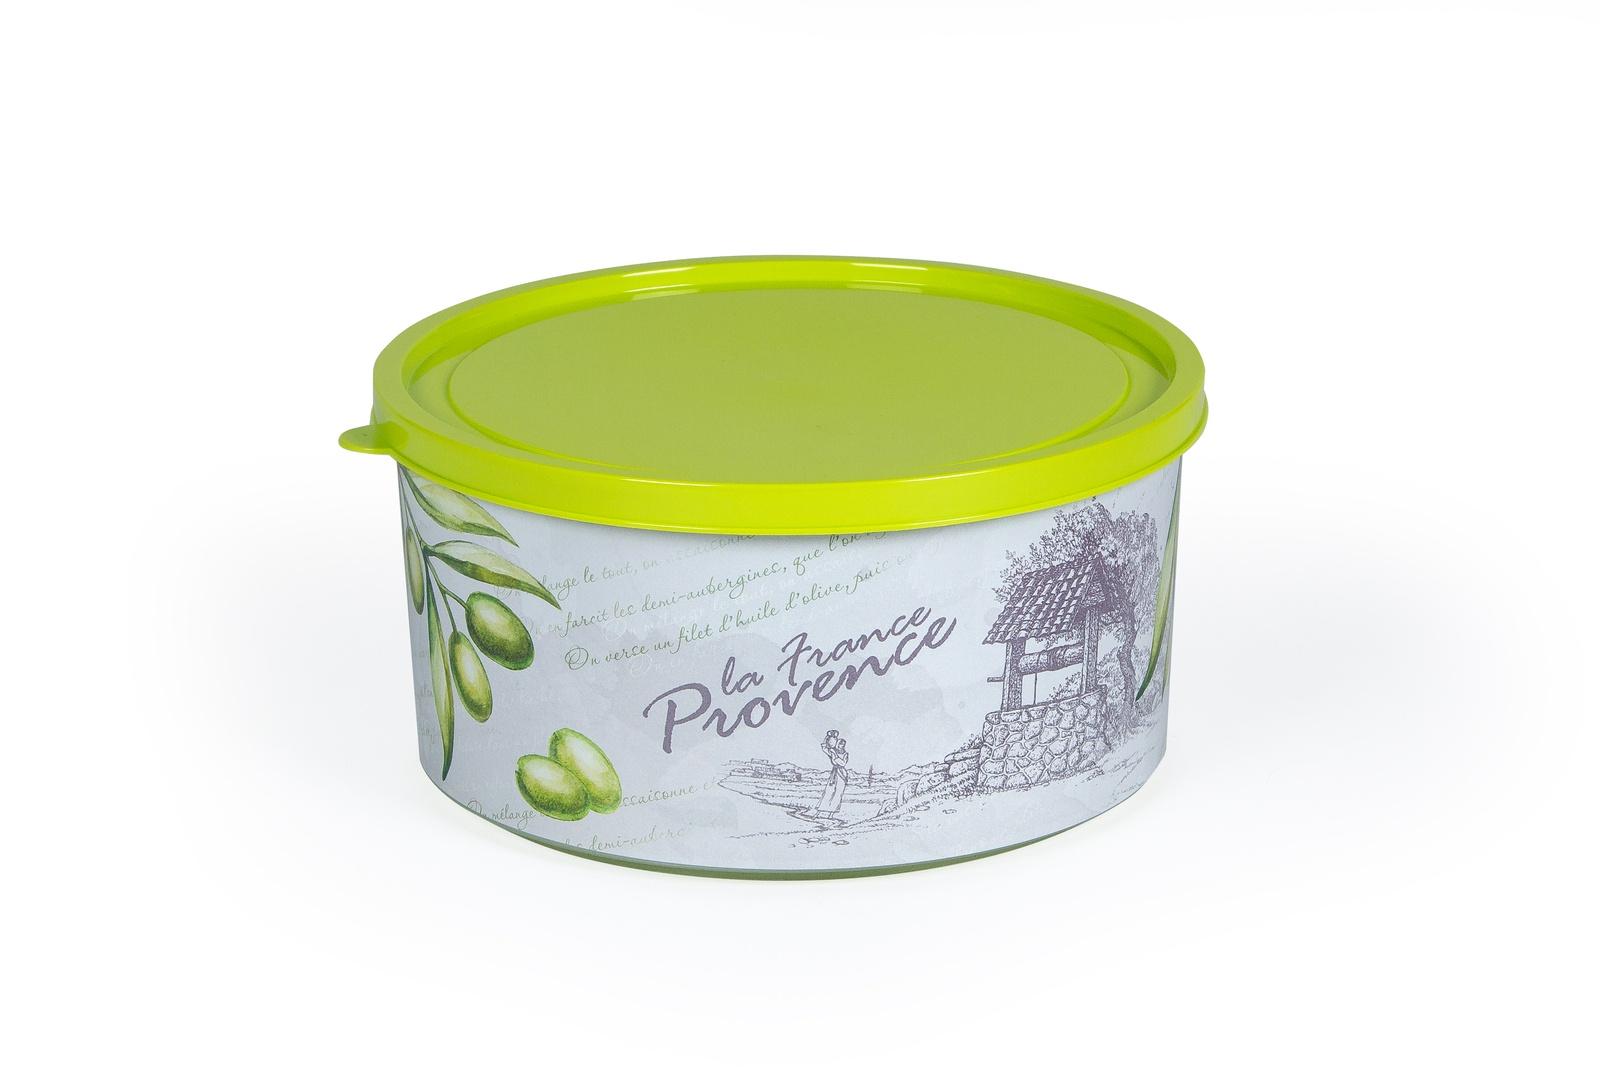 Коробка круглая Полимербыт Прованс, 51707, оливковый, 1,9 л аптечка полимербыт 6 5 л с вкладышем